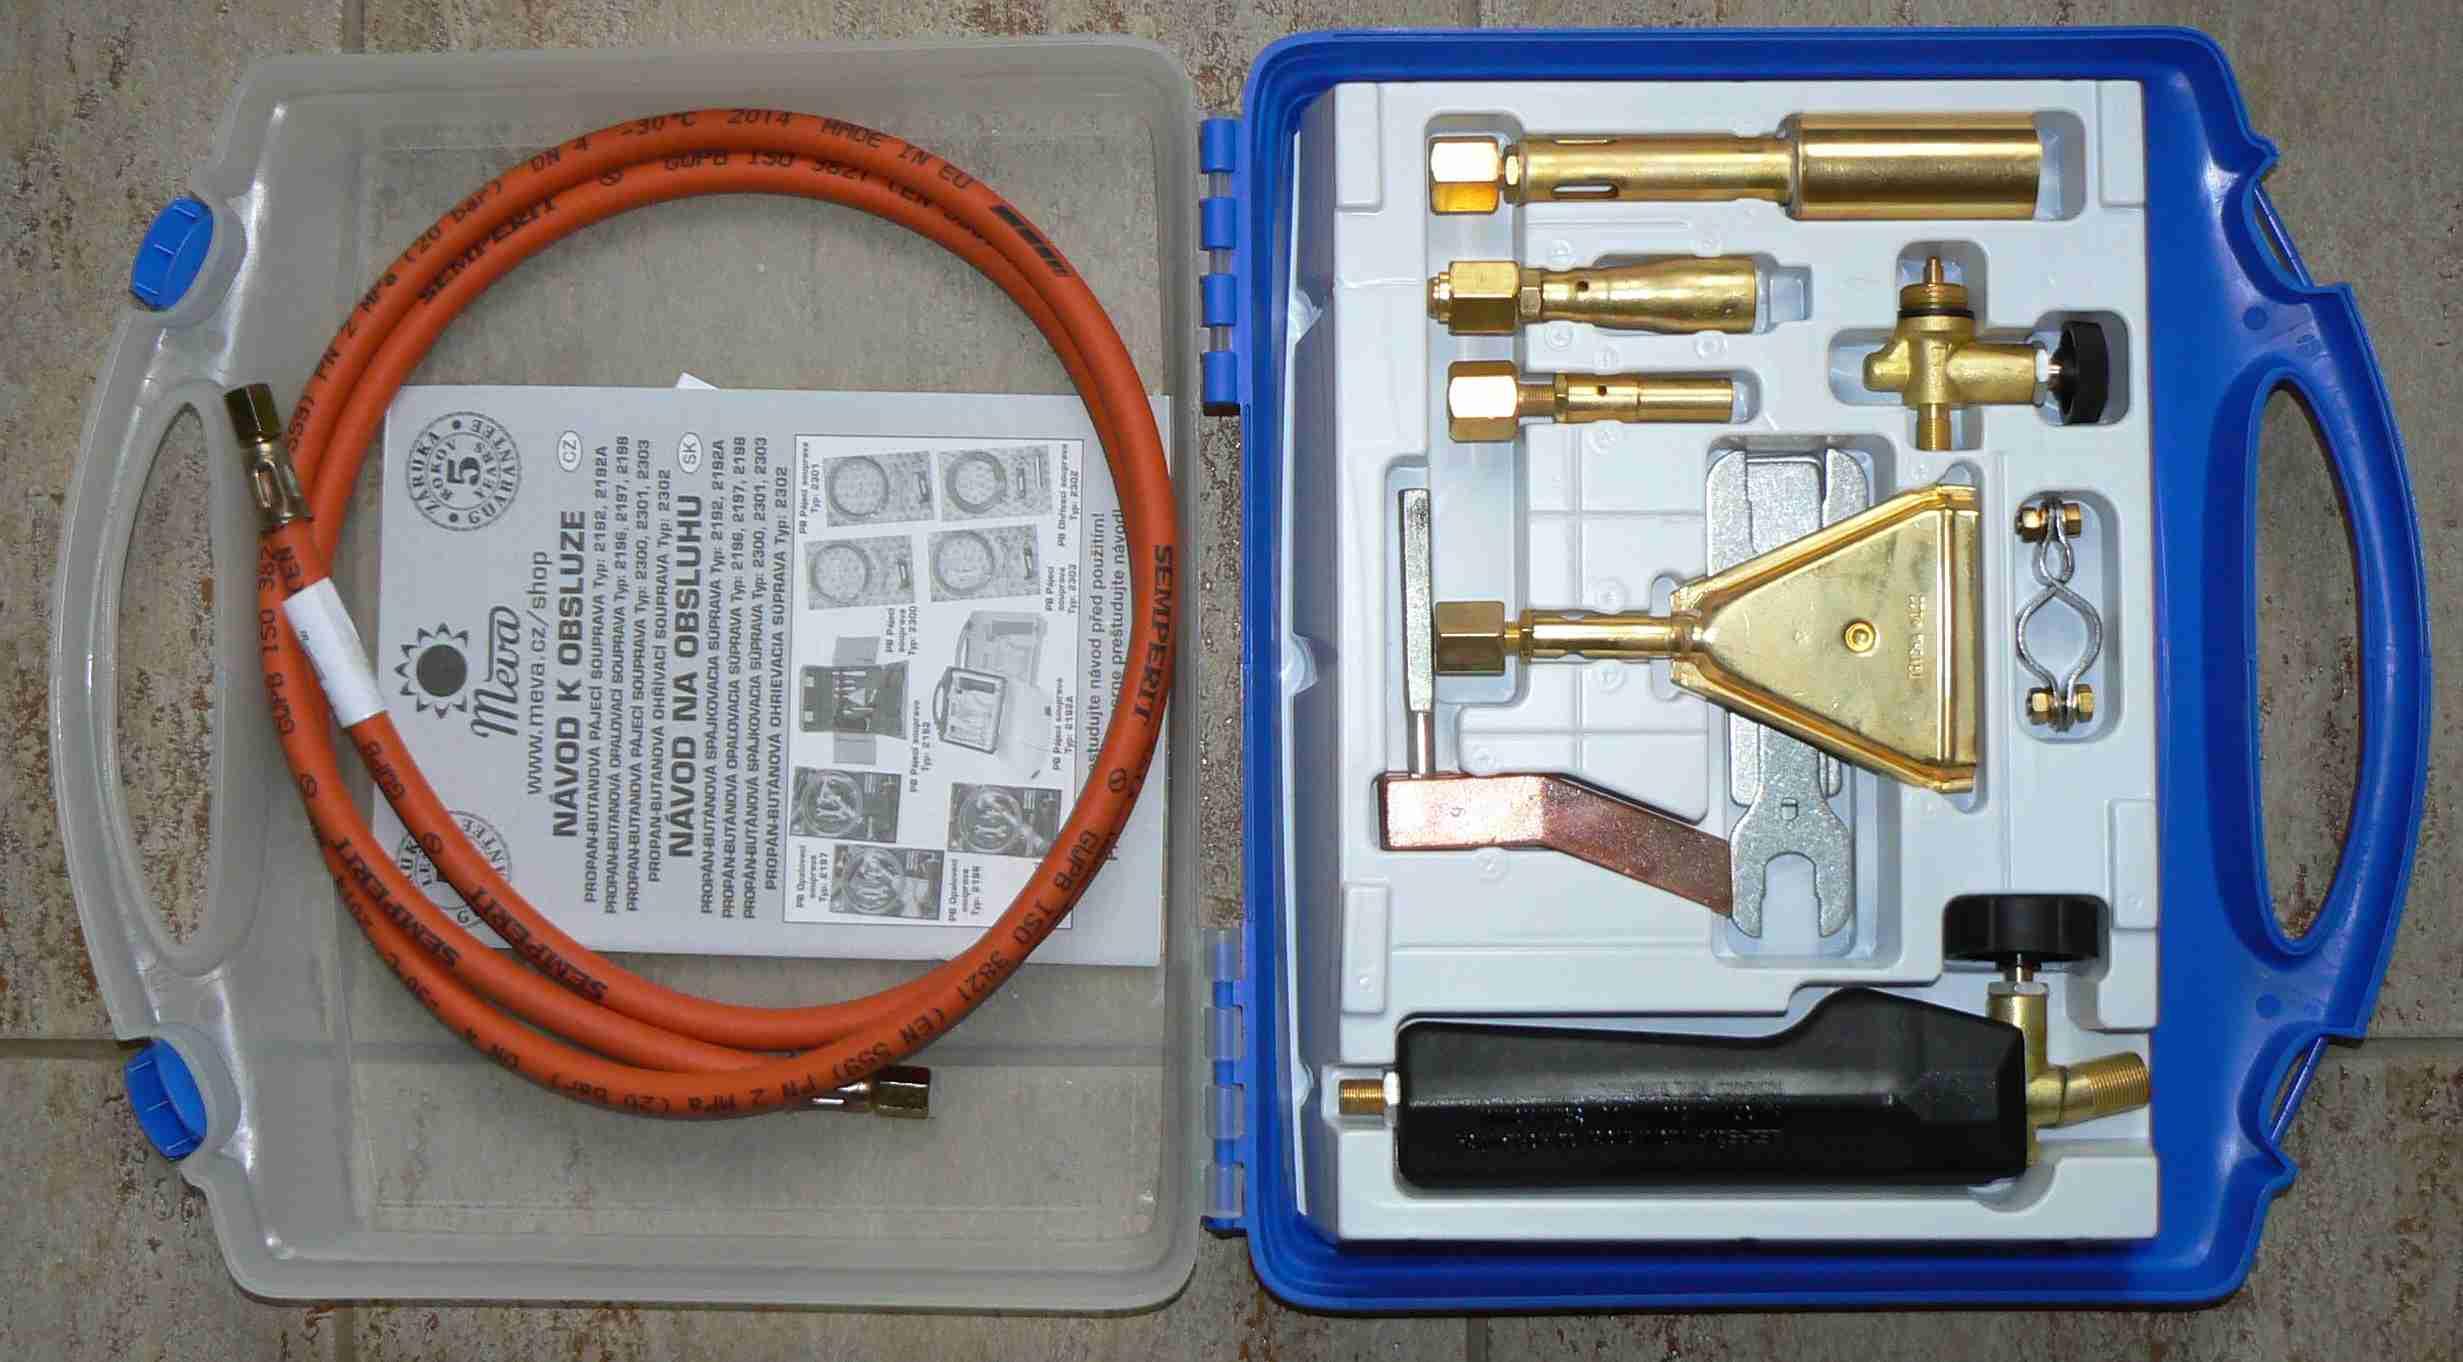 Pájecí souprava PB 2192A Meva v kufru